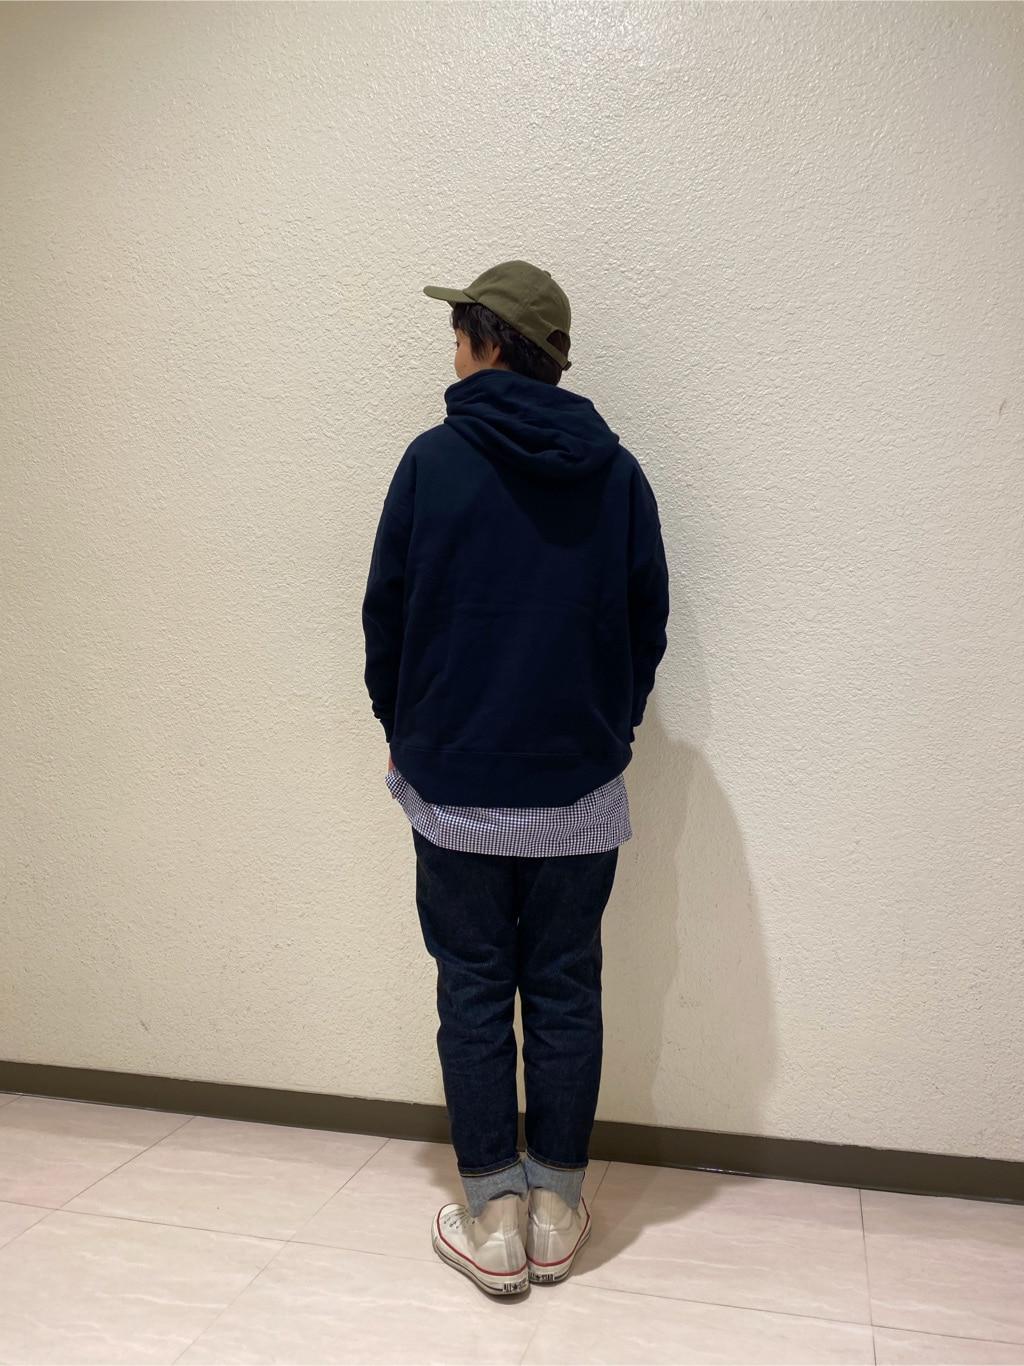 - PAR ICI CHILD WOMAN,PAR ICI ルミネ横浜 身長:160cm 2021.01.15